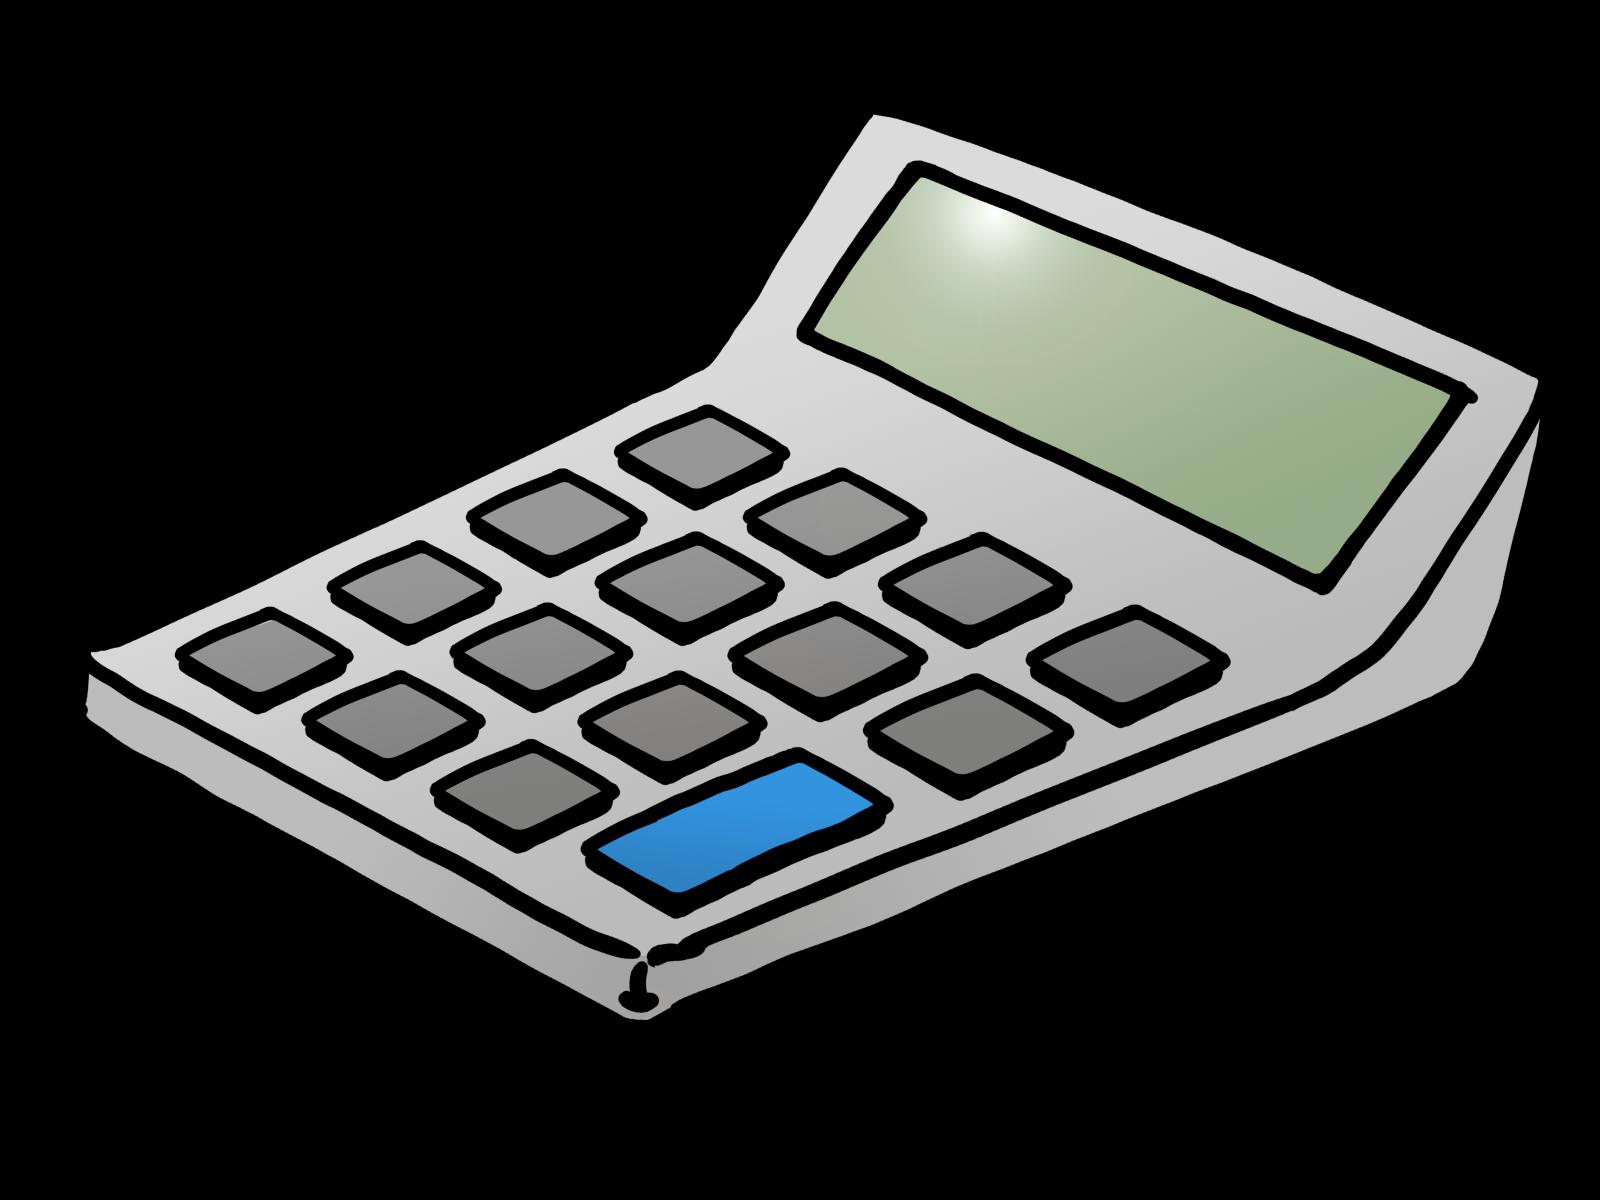 Много калькуляторов не бывает